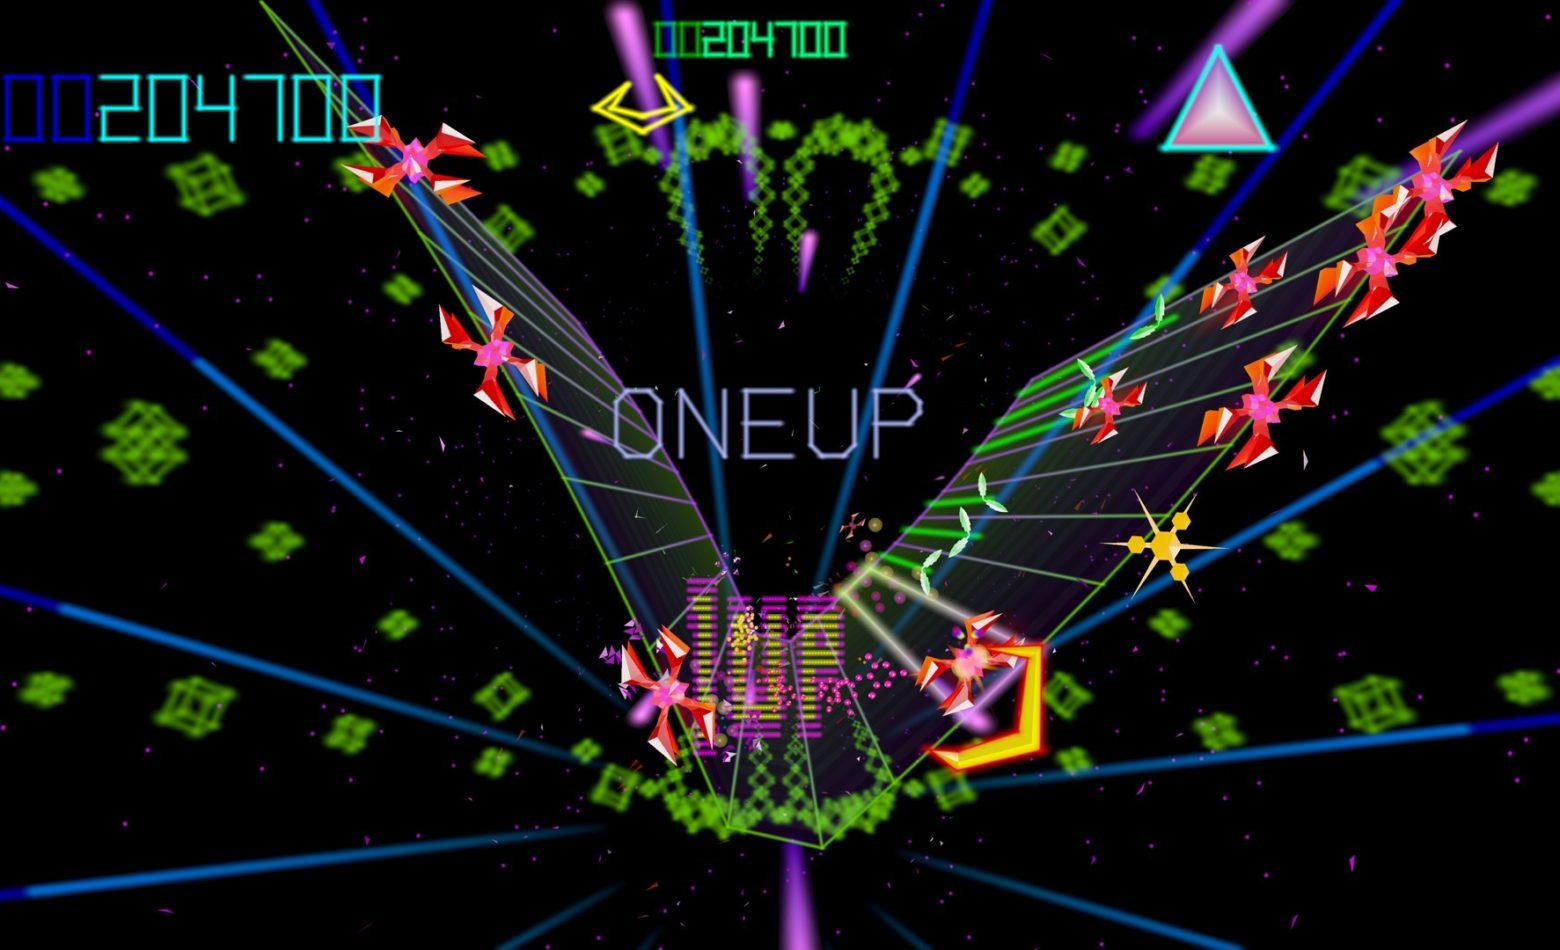 Baseado em jogo popular de arcade, Tempest 4000 está disponível no PS4 e Xbox One